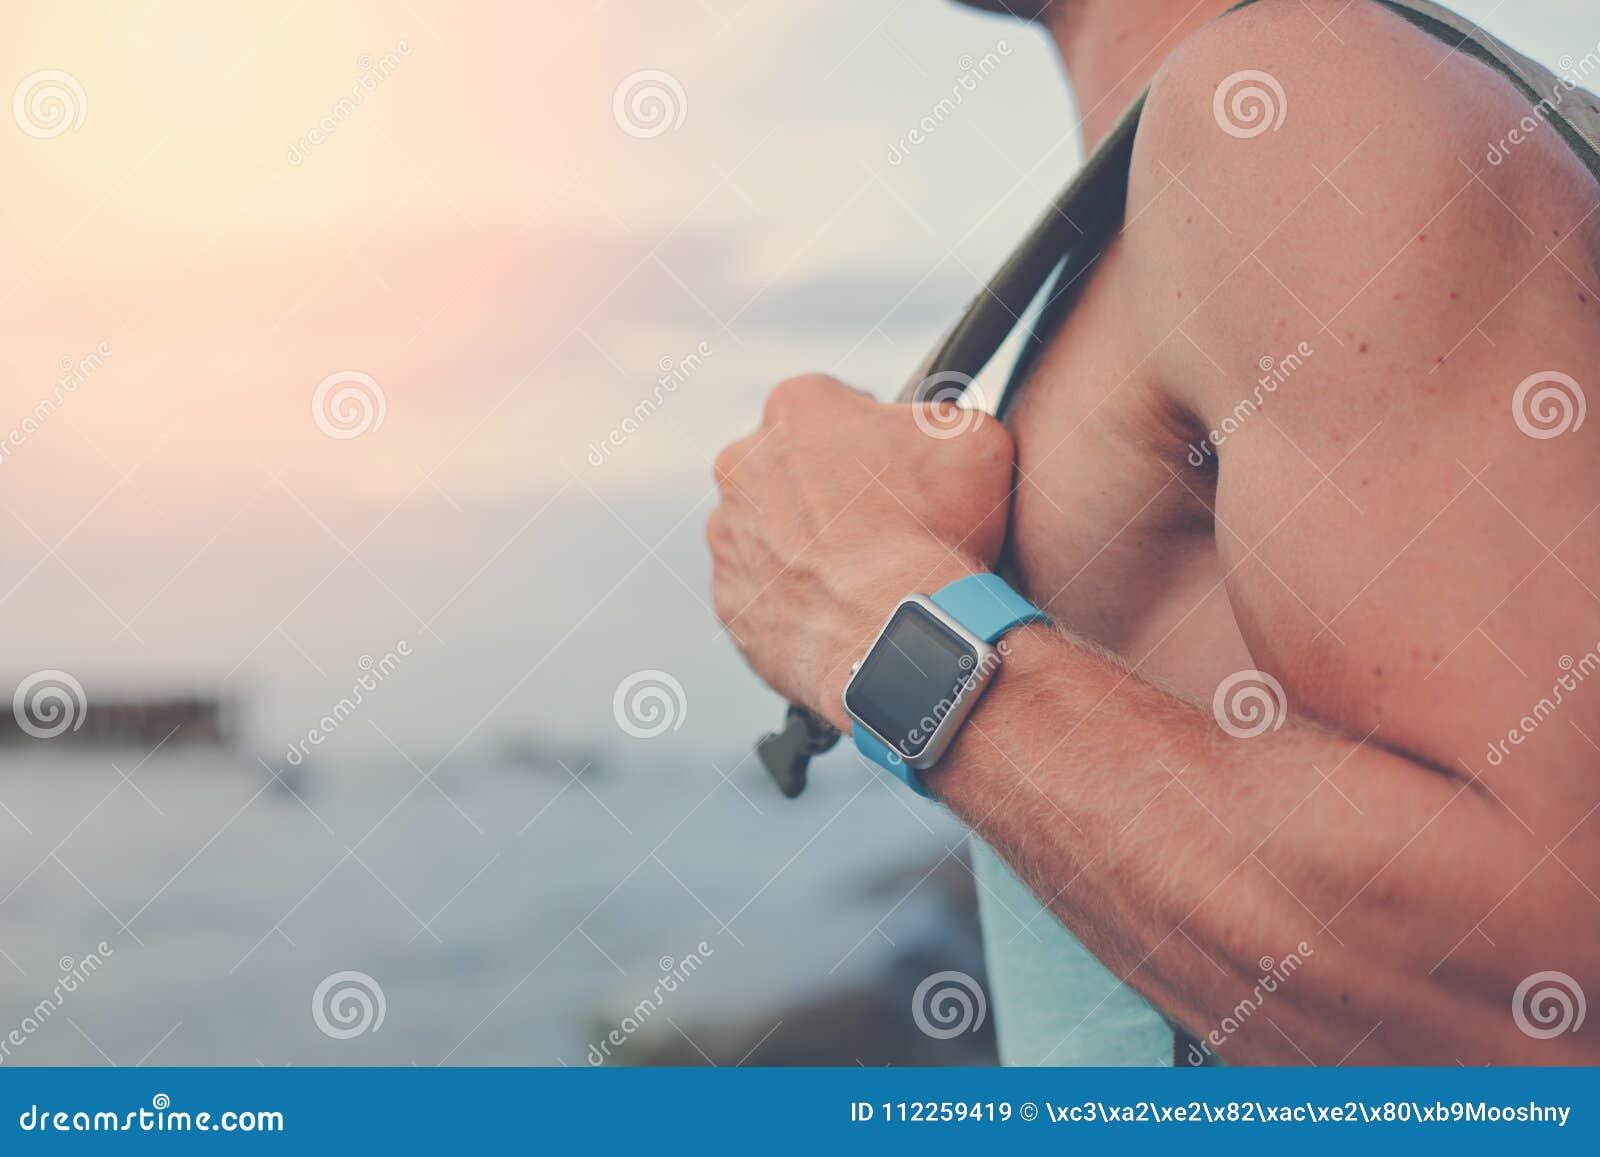 Όμορφος νεαρός άνδρας με το σακίδιο πλάτης που φορά τα έξυπνα ρολόγια κοντά στον ωκεανό